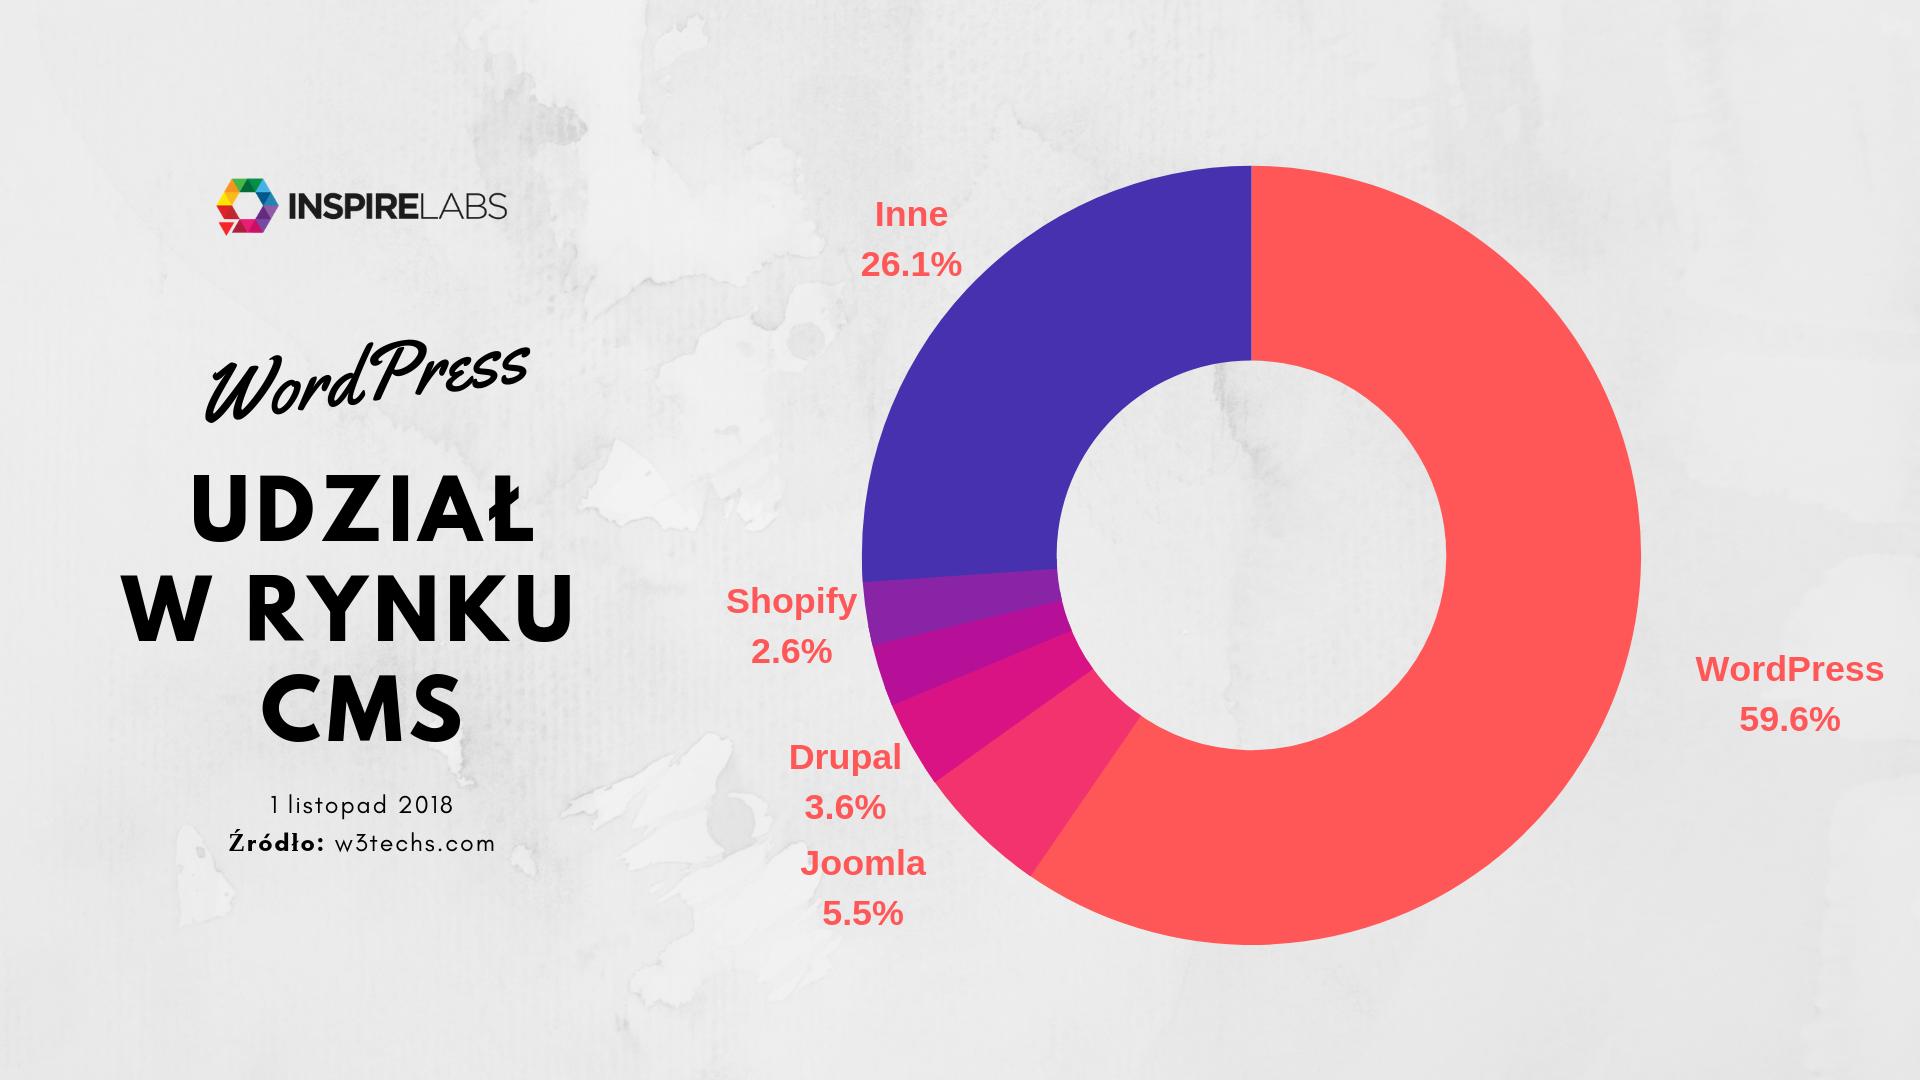 Wordpress - Udział w rynku